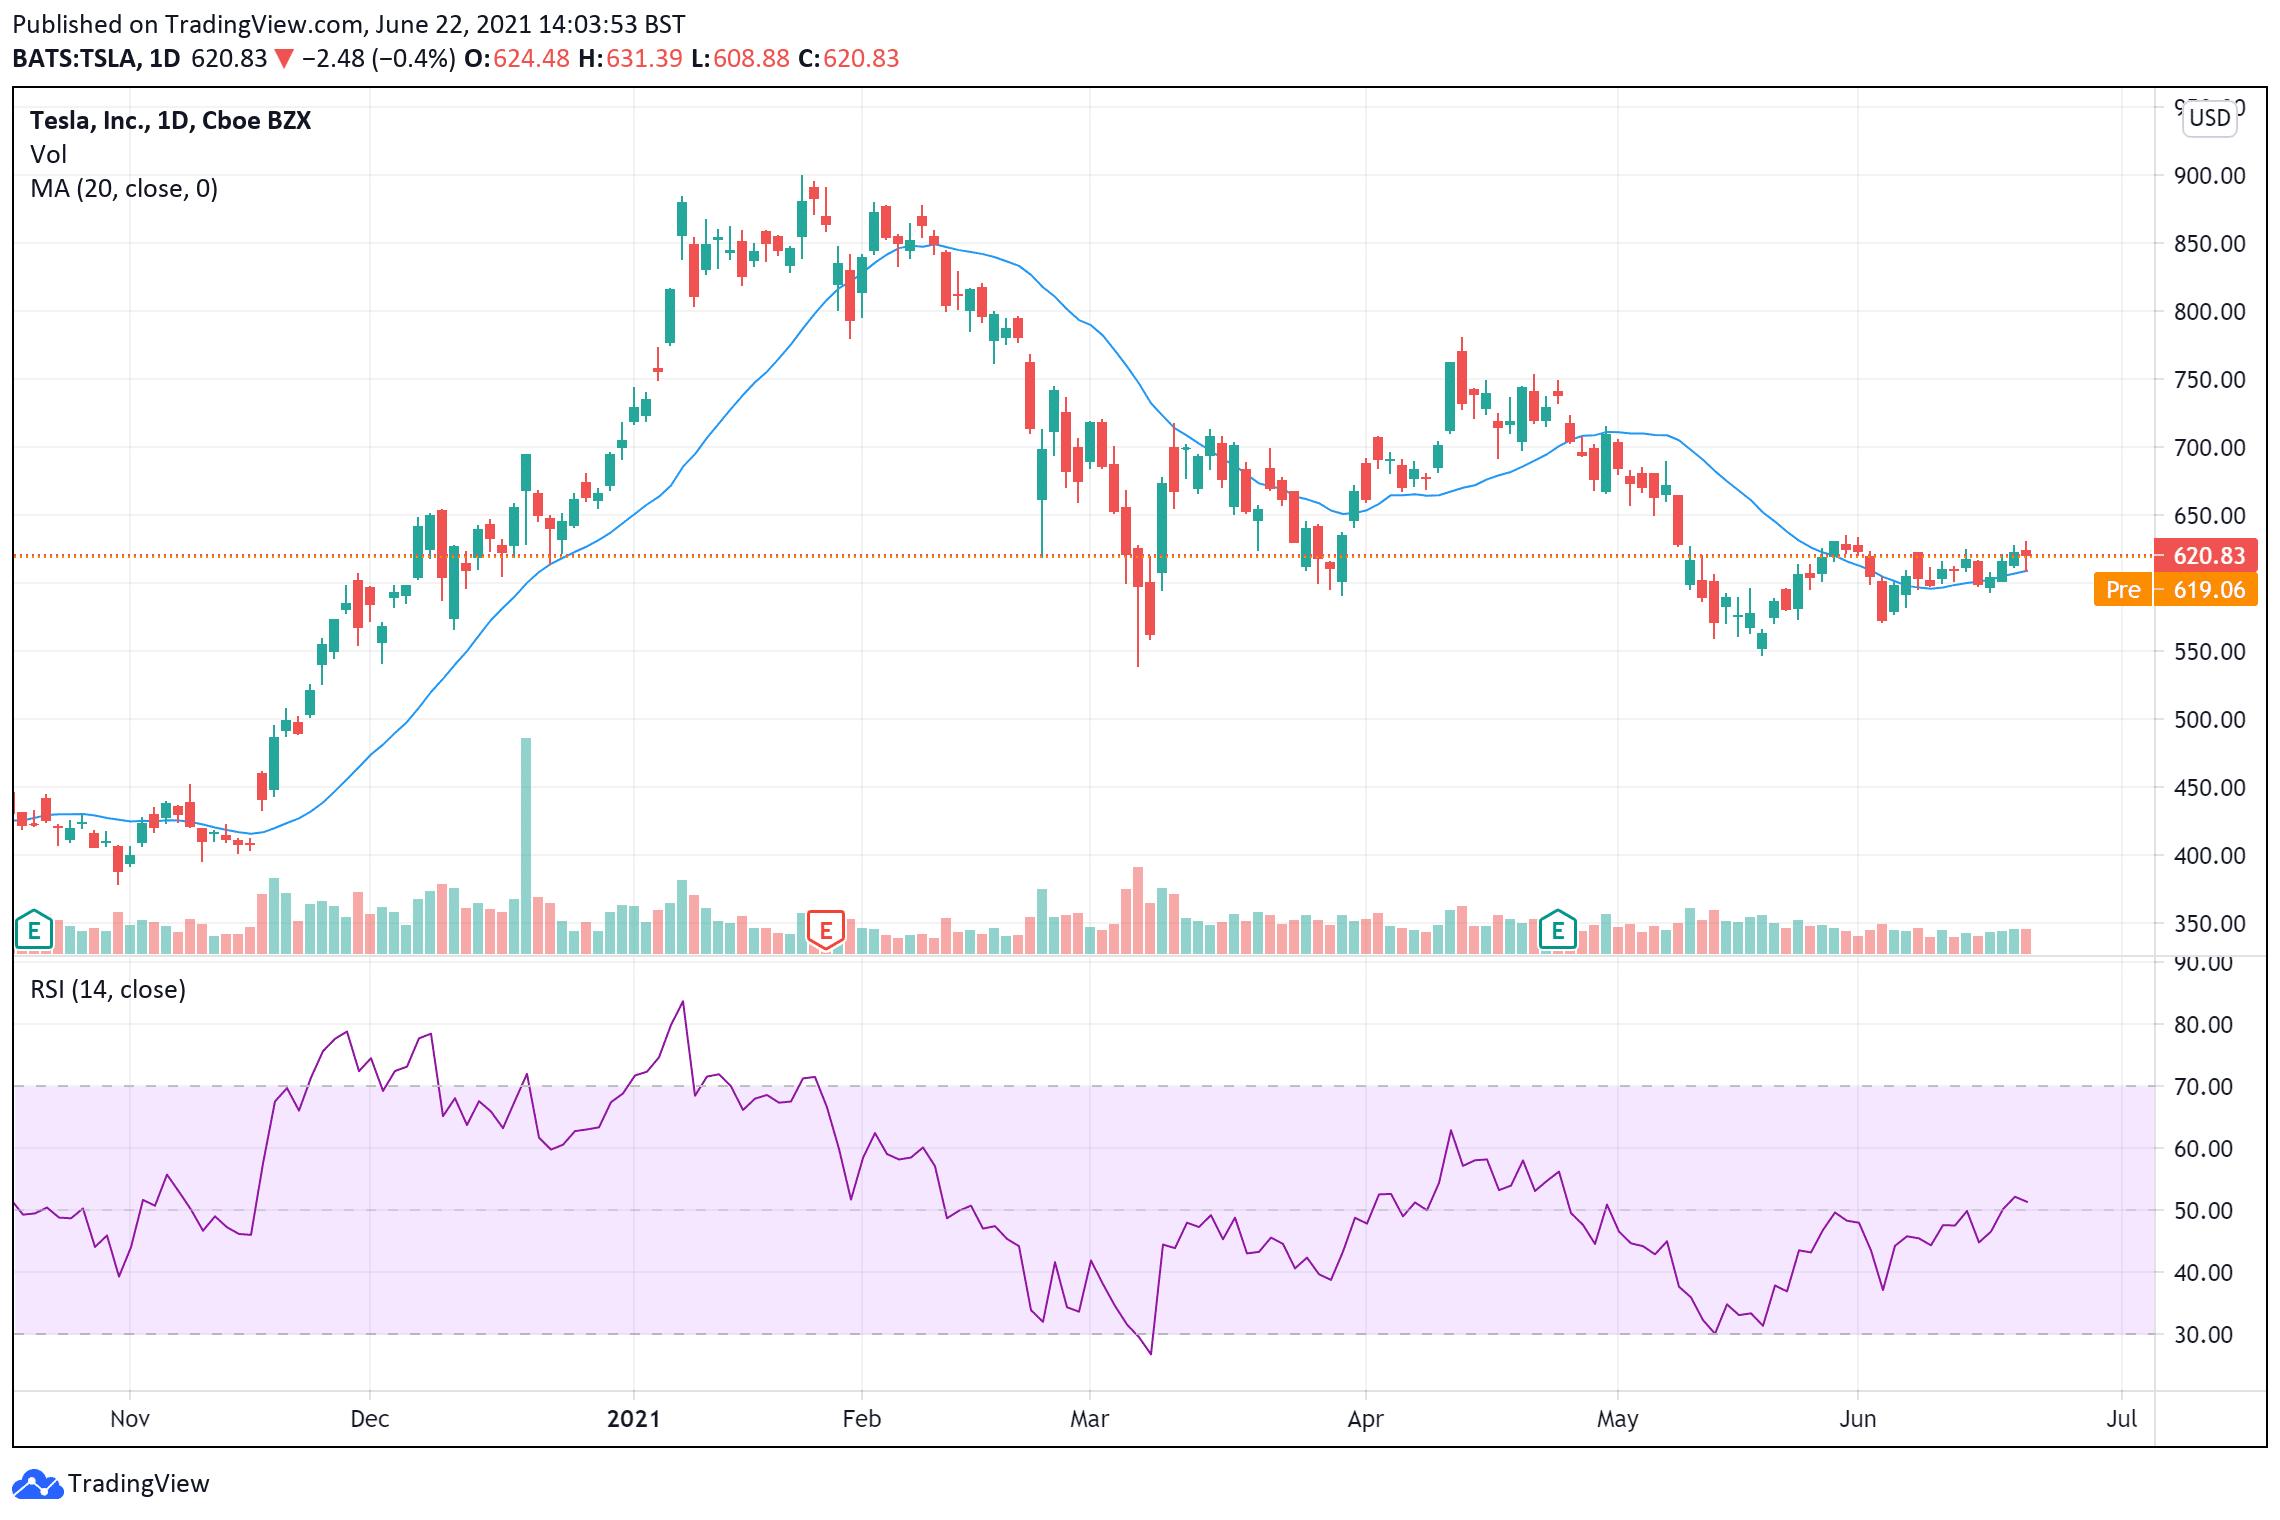 Tesla share price June 22